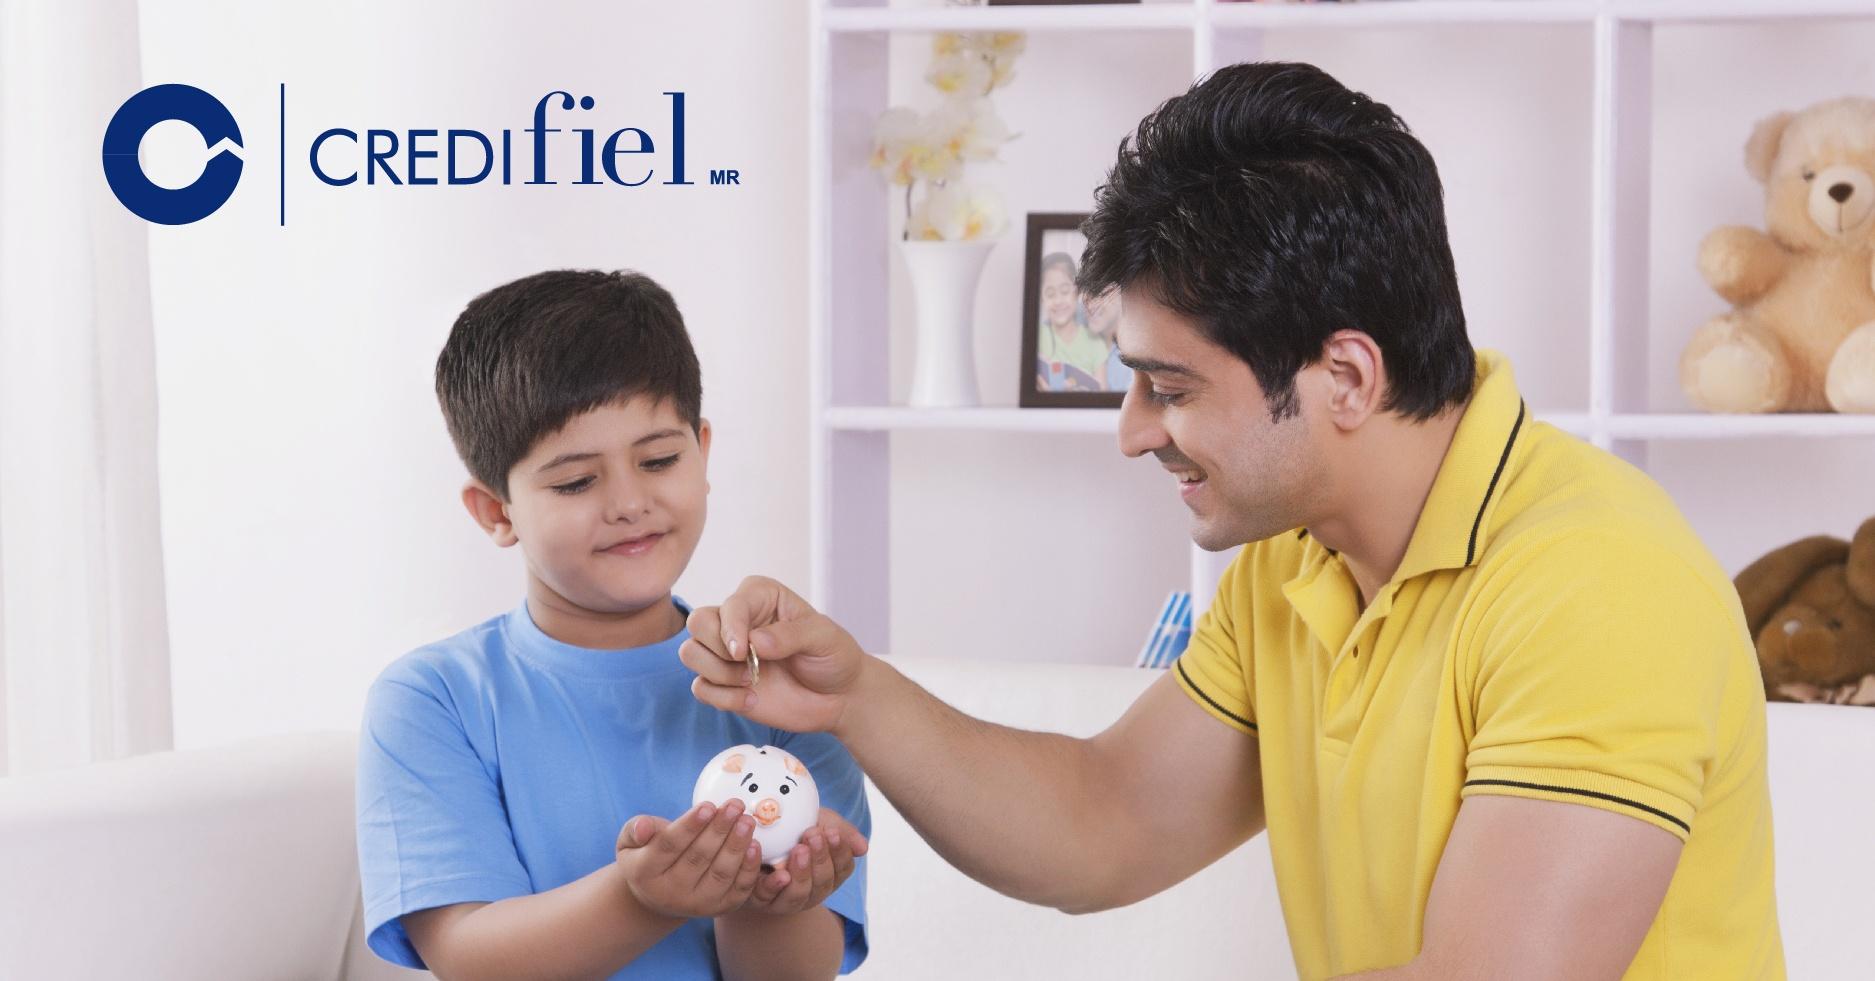 art-04-Como-ensenar-a-ahorrar-a-tus-hijos-desde-pequenos